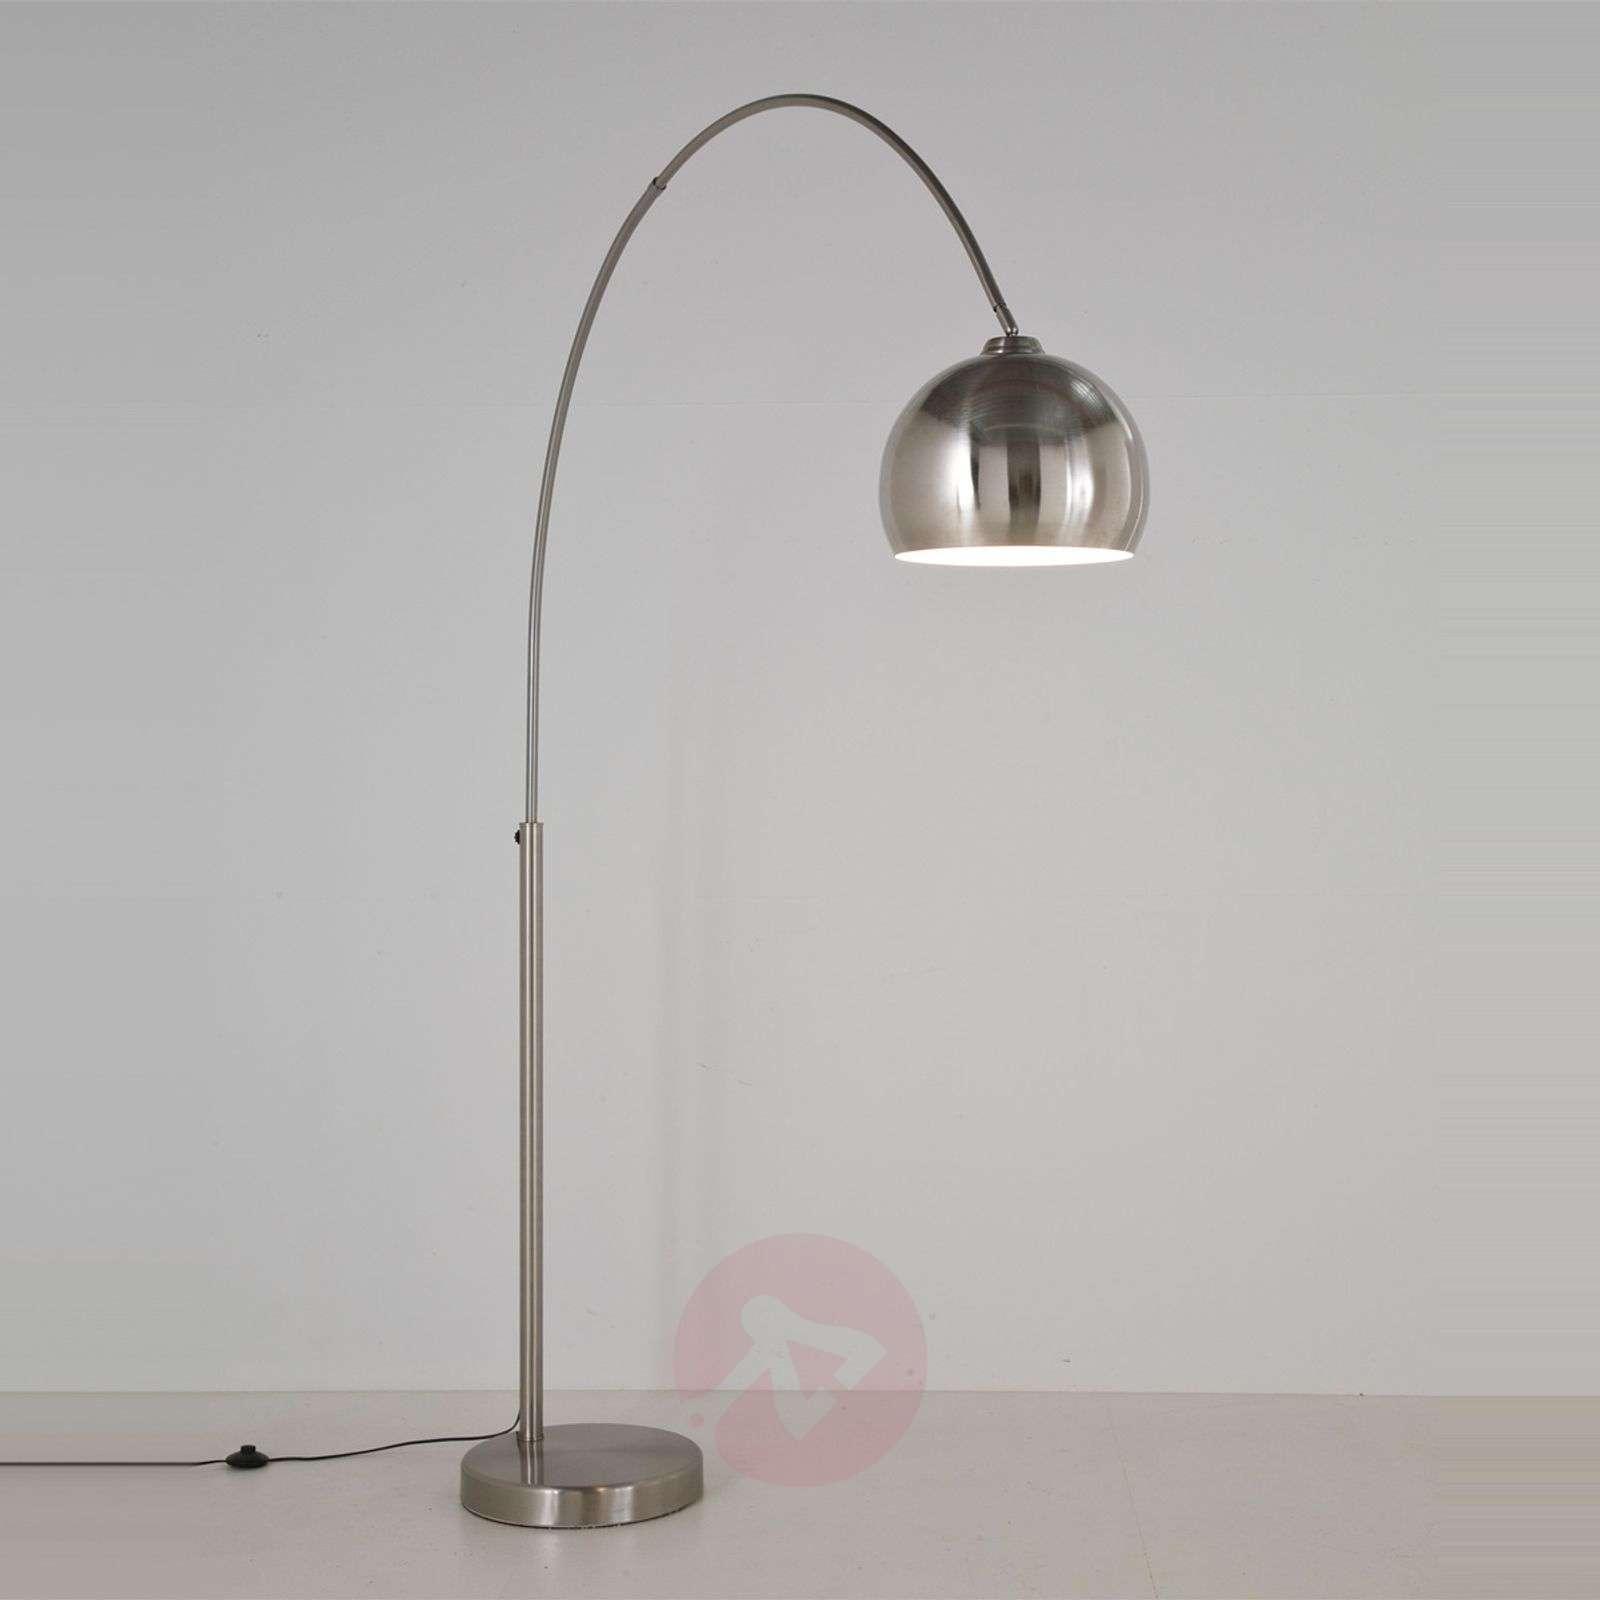 KARE Lounge satinised arc floor lamp-5517138-01